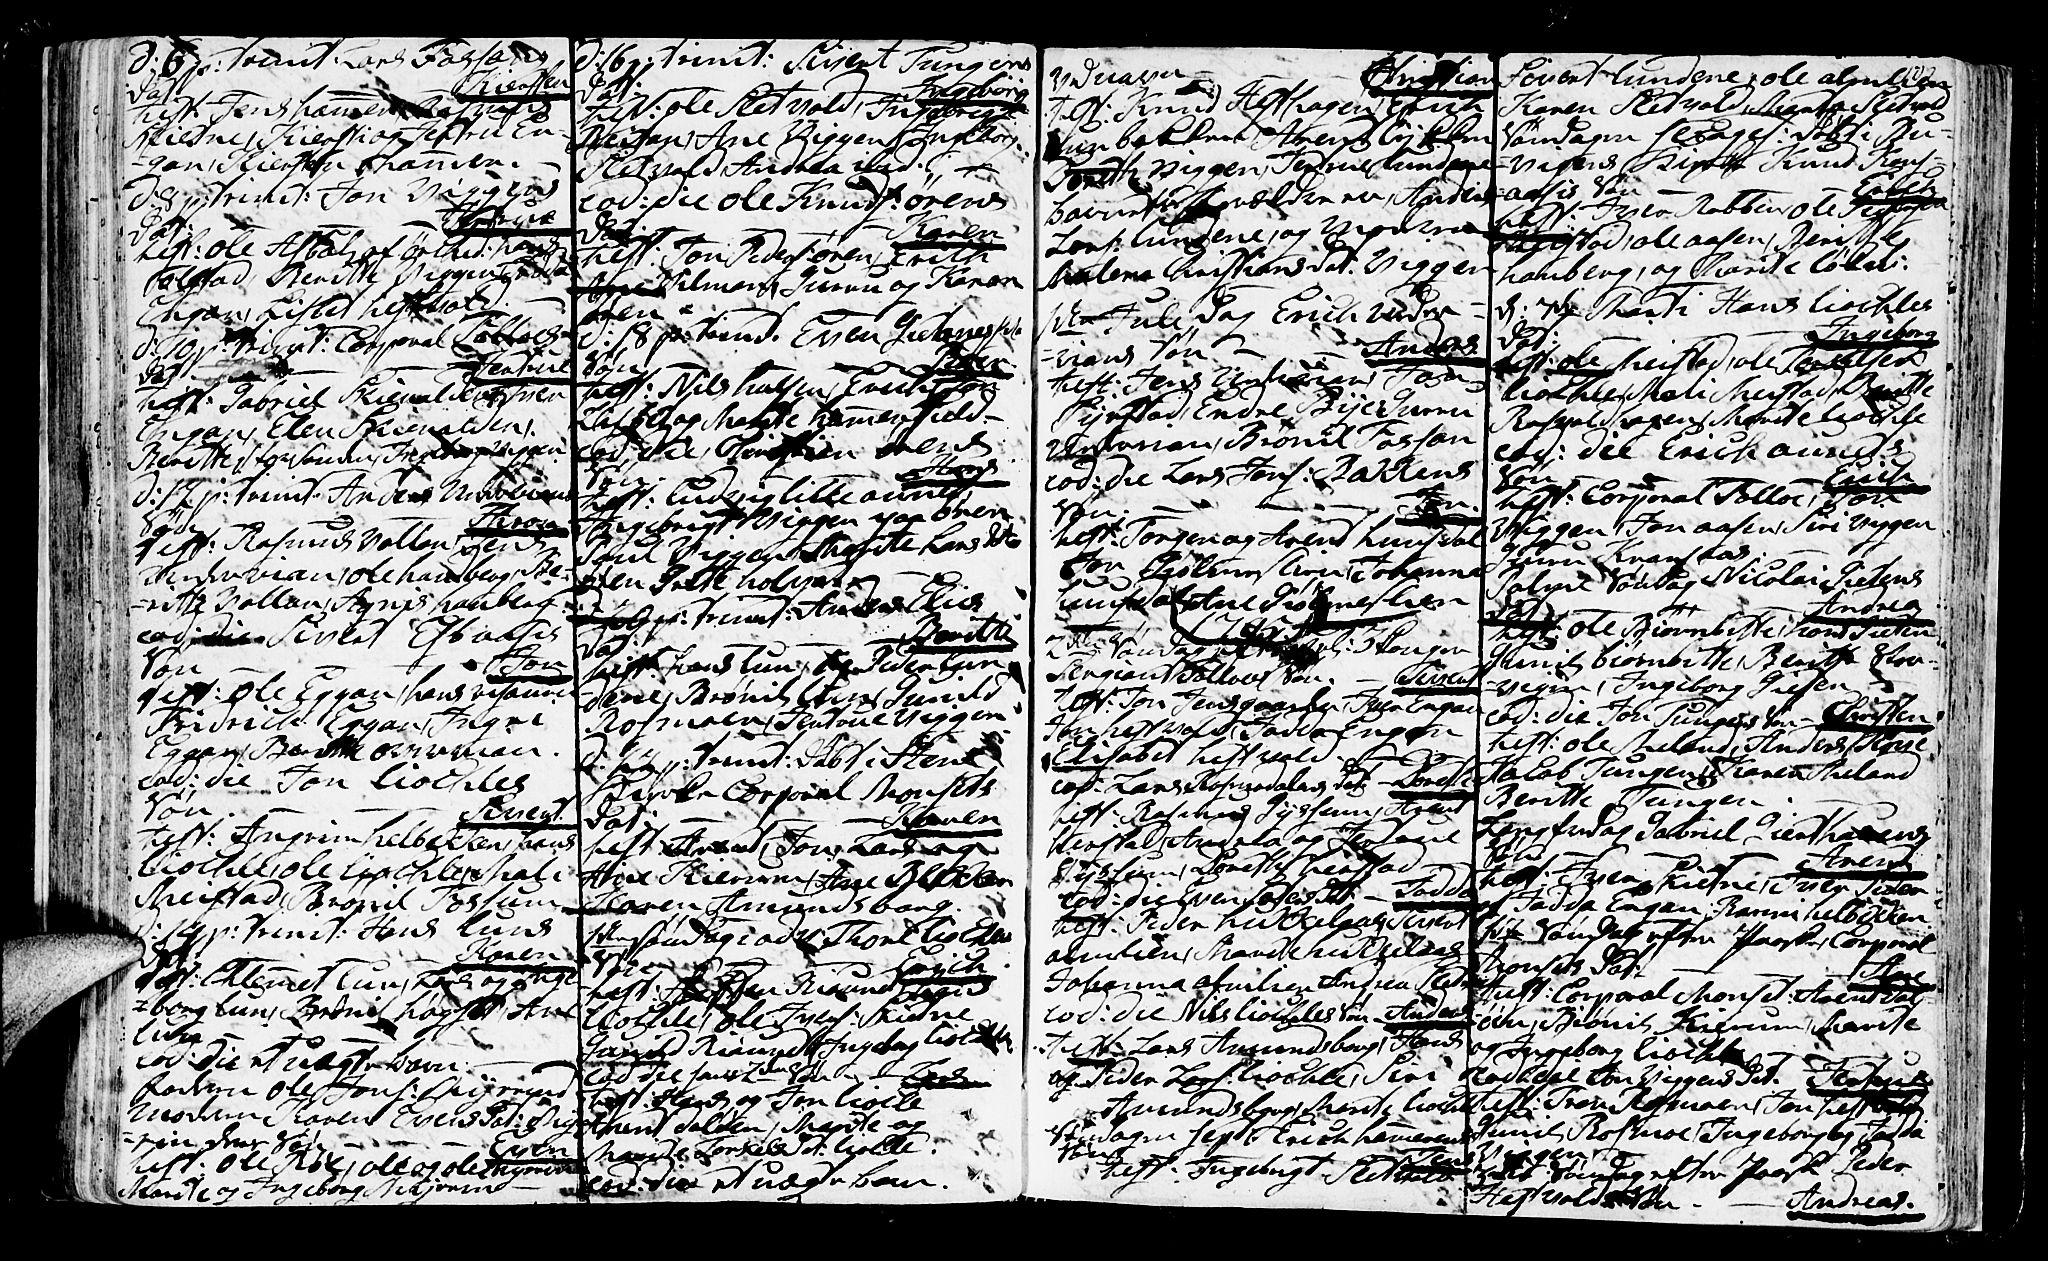 SAT, Ministerialprotokoller, klokkerbøker og fødselsregistre - Sør-Trøndelag, 665/L0768: Ministerialbok nr. 665A03, 1754-1803, s. 102